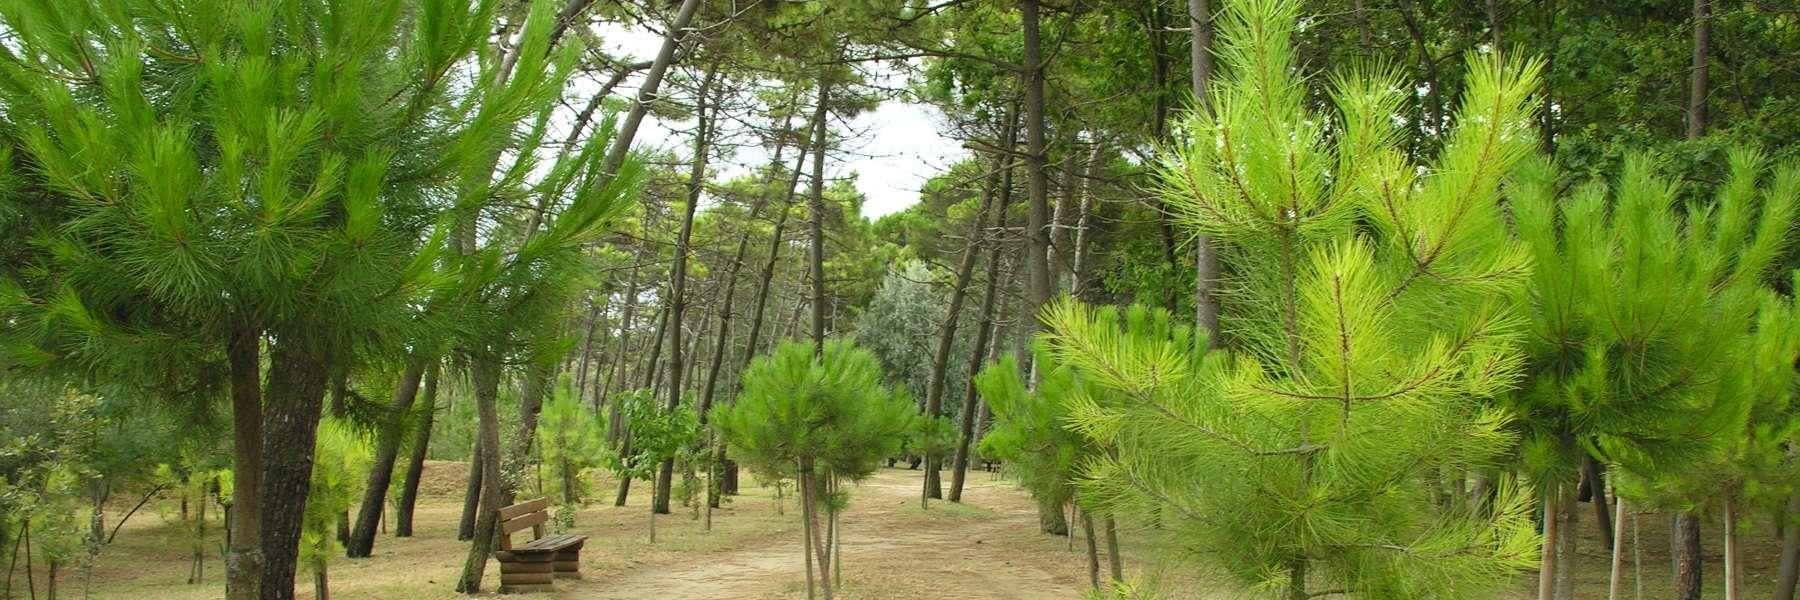 La pinède de Pinarella-Tagliata